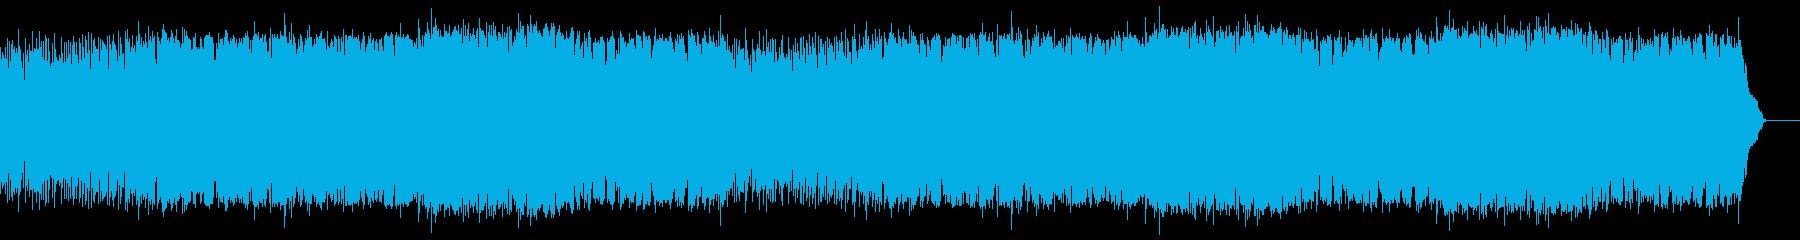 ソプラノサックスが奏でる切ないムード歌謡の再生済みの波形